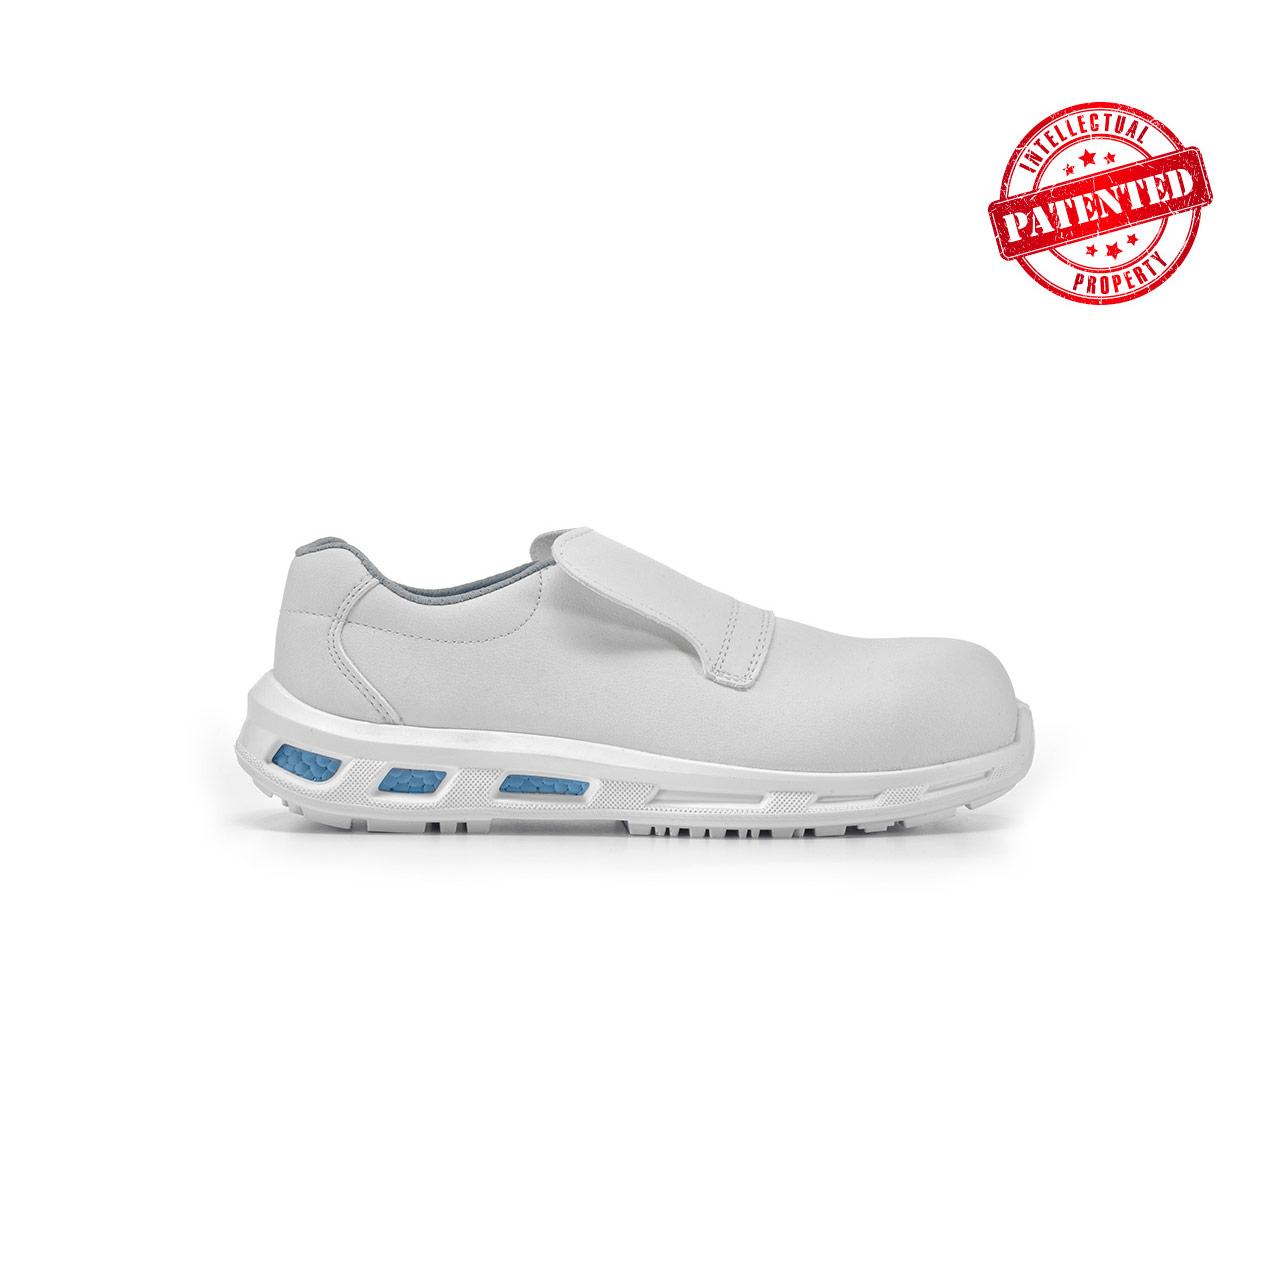 calzatura da lavoro upower modello blanco linea redlion vista lato destro